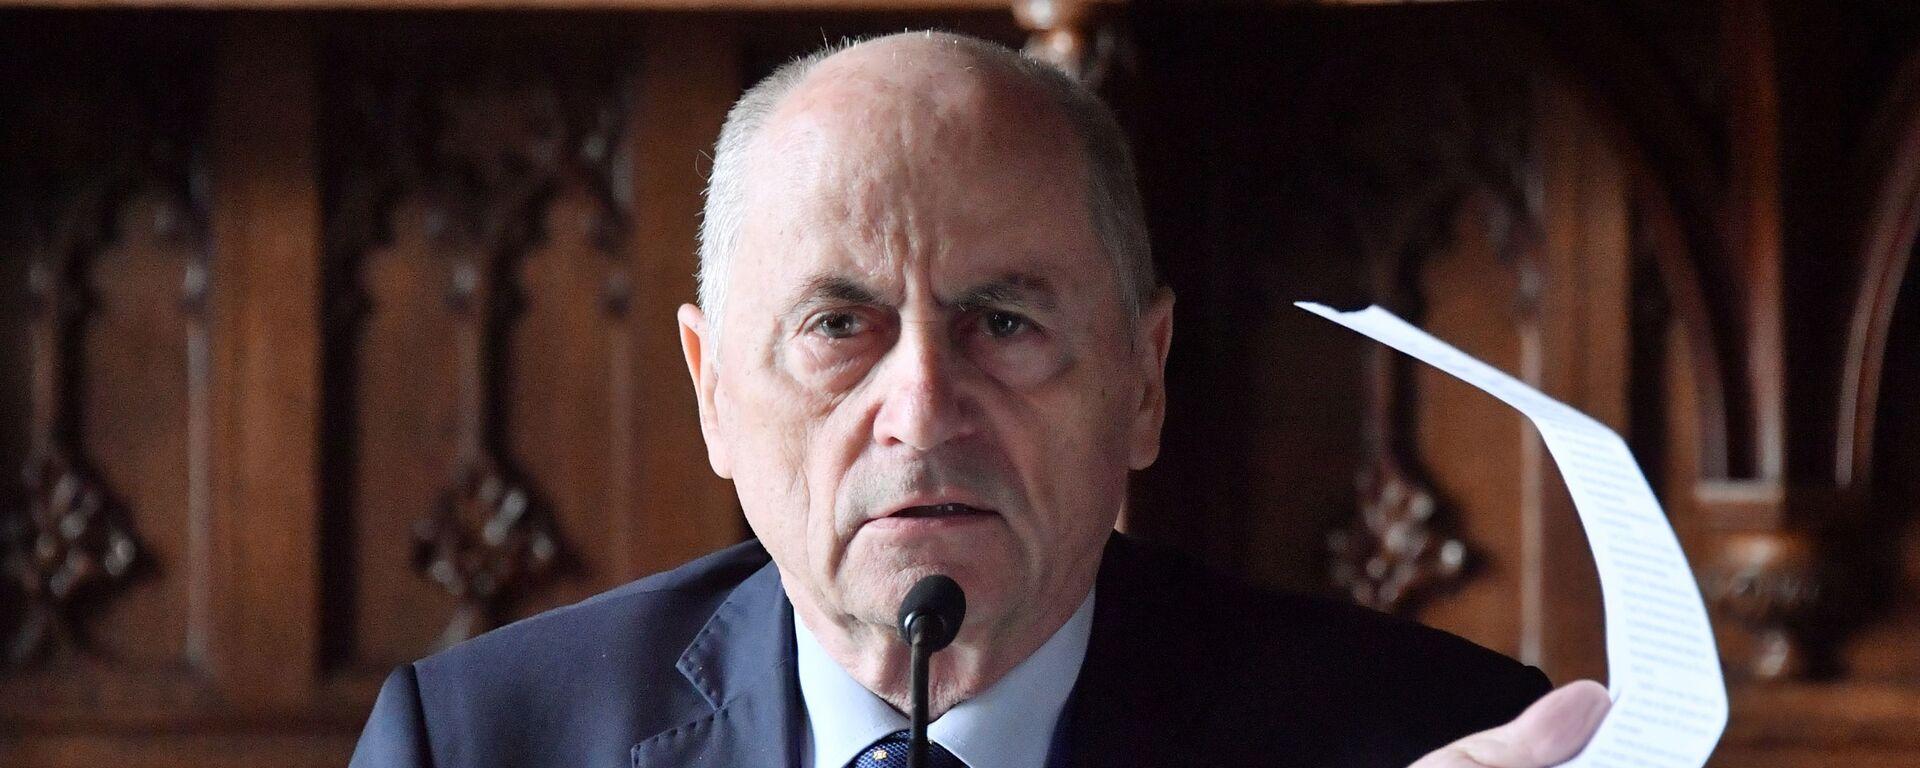 Bývalý slovenský premiér Ján Čarnogurský - Sputnik Česká republika, 1920, 07.04.2021